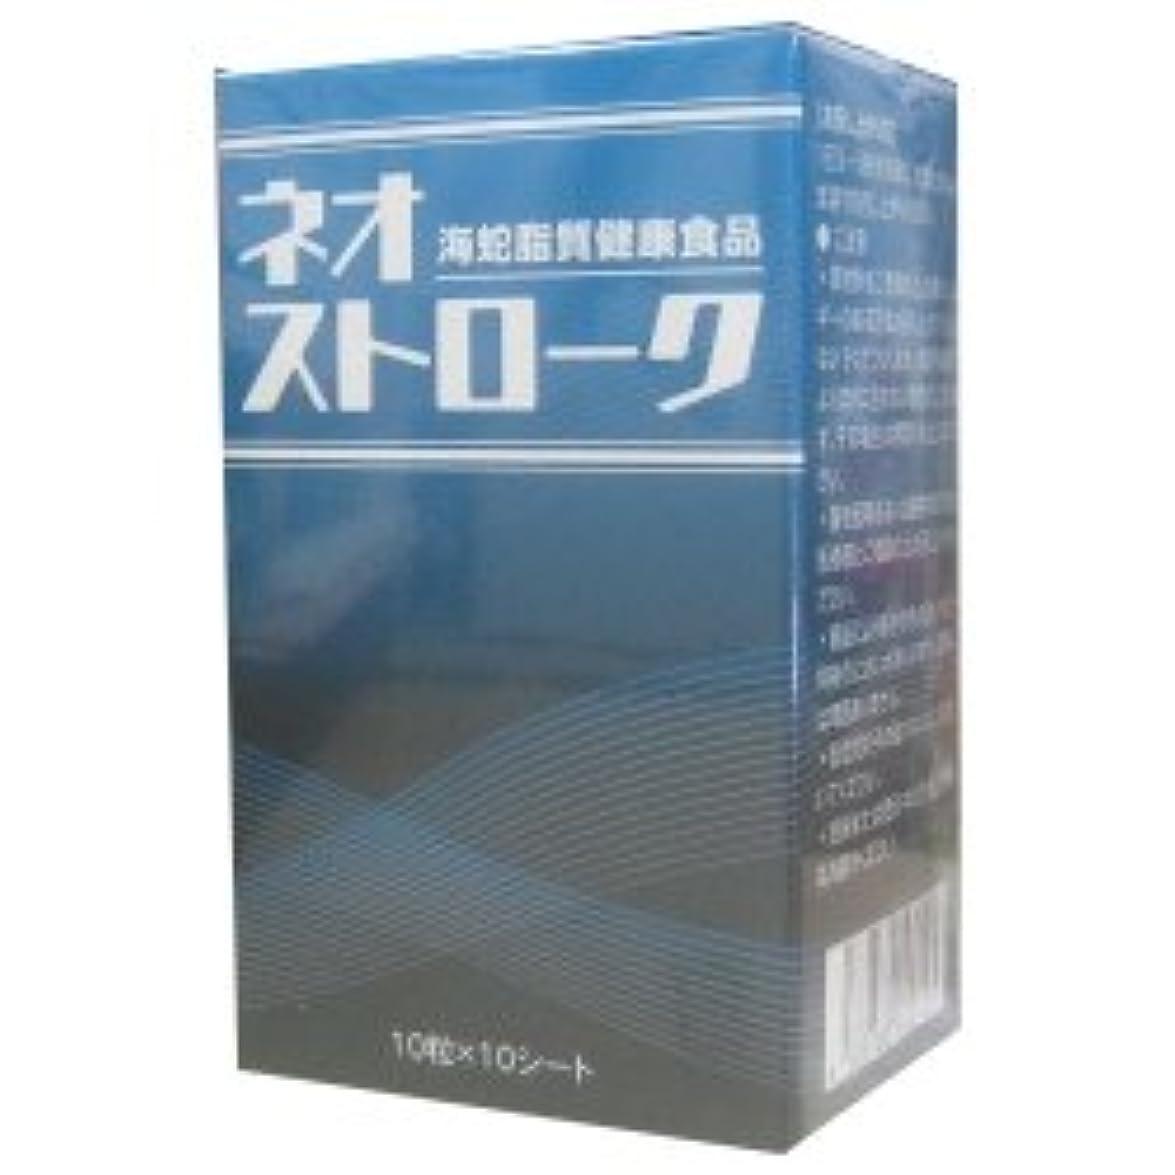 中央値キュービック外交問題ネオストローク 100粒(10粒×10シート)